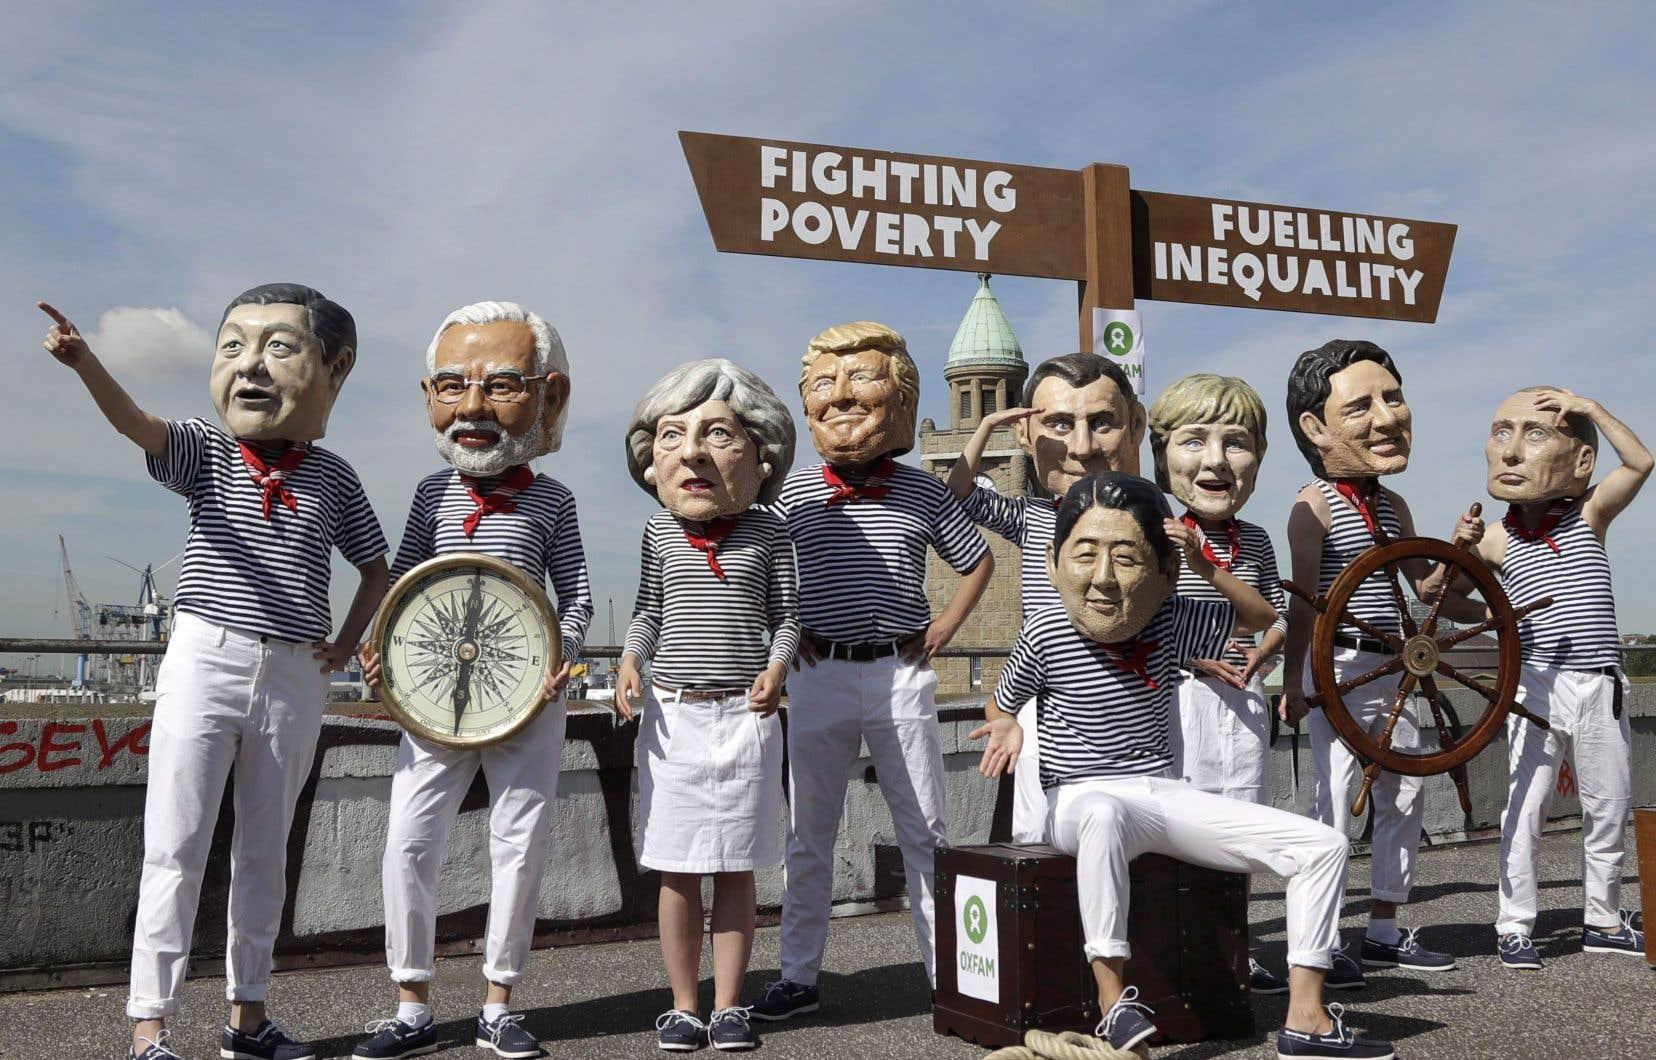 Des manifestants de l'organisme Oxfam portaient des têtes à l'effigie de chefs d'État pour protester contre les inégalités et la pauvreté au sommet du G20 à Hambourg, en juillet dernier.